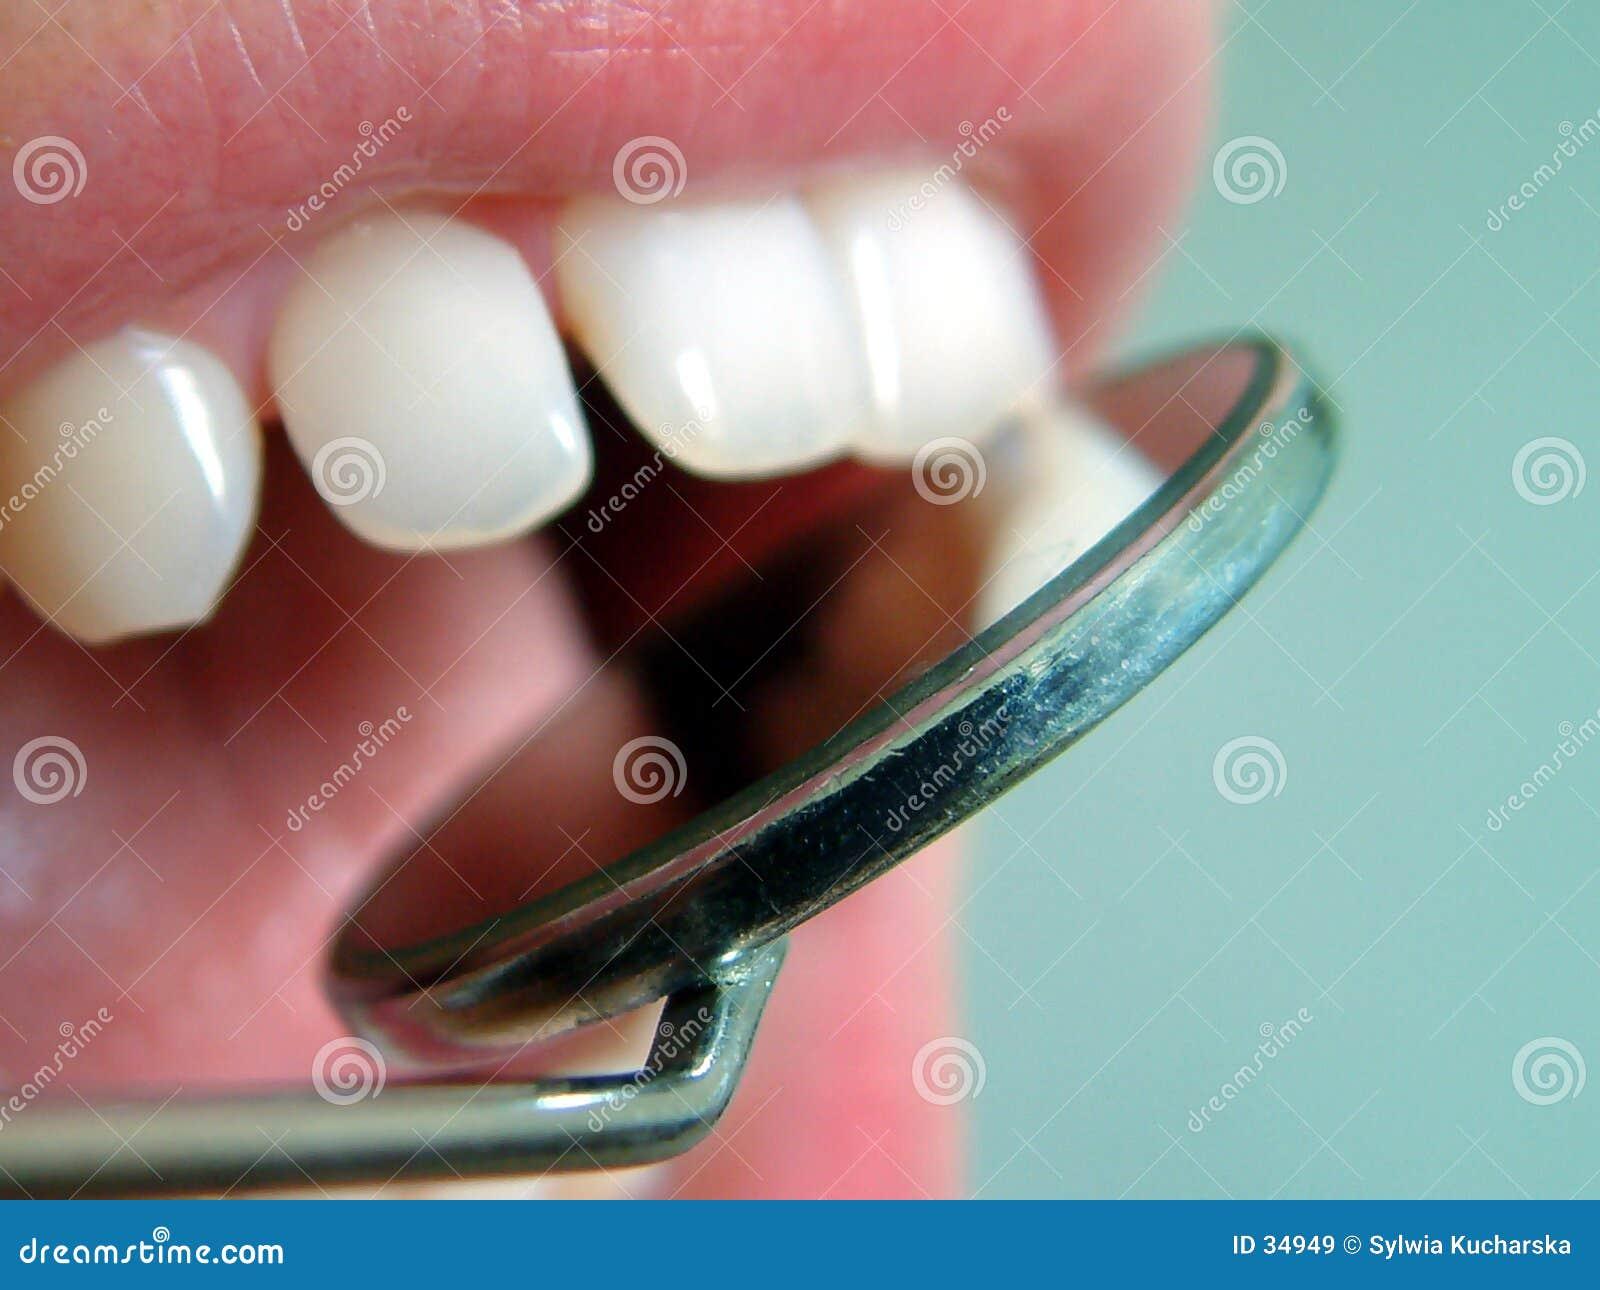 Am Zahnarzt